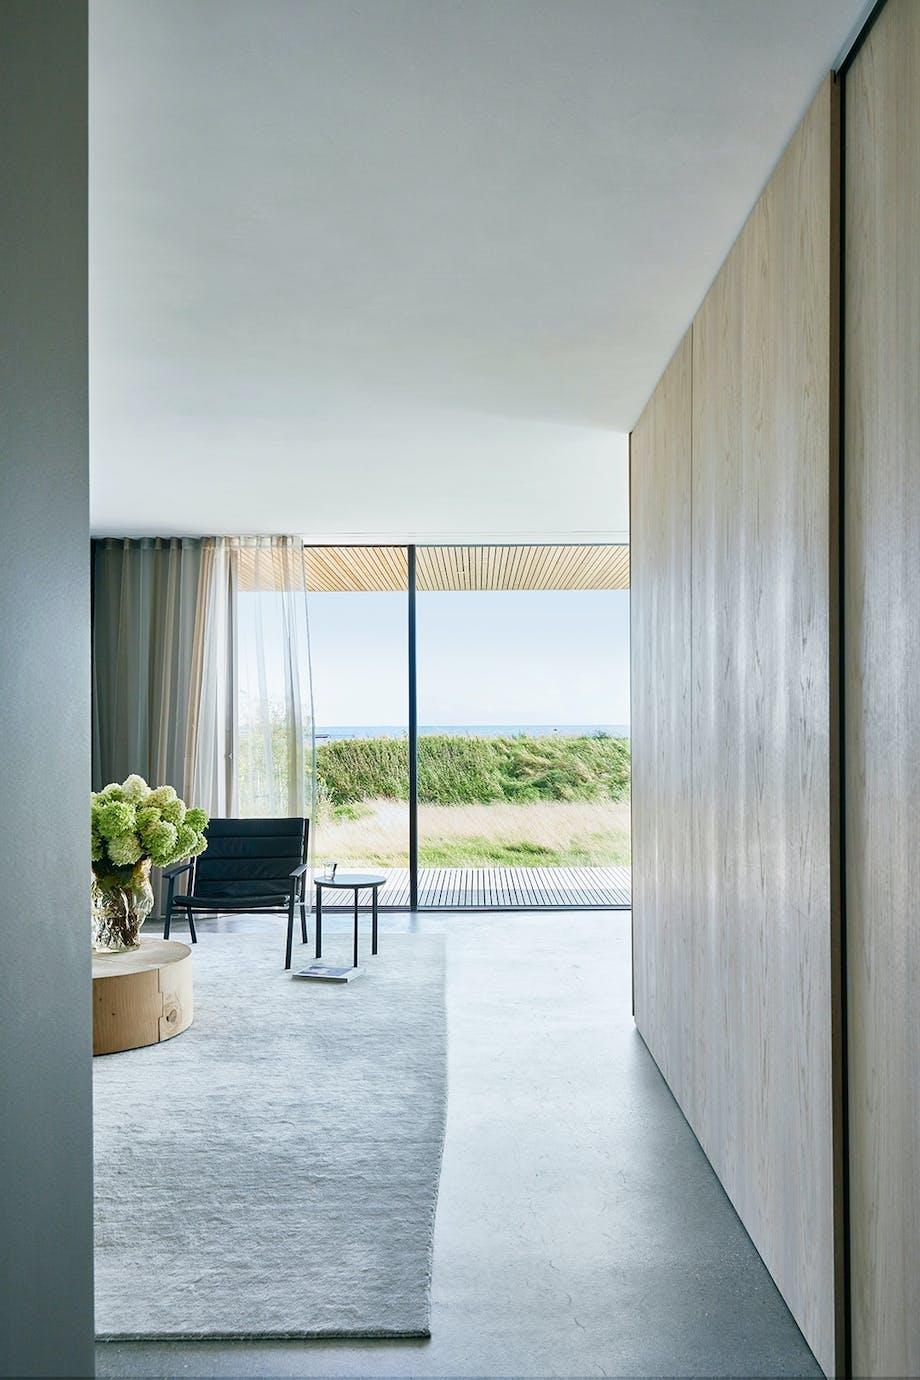 udsigt stue vinduer lyst træ